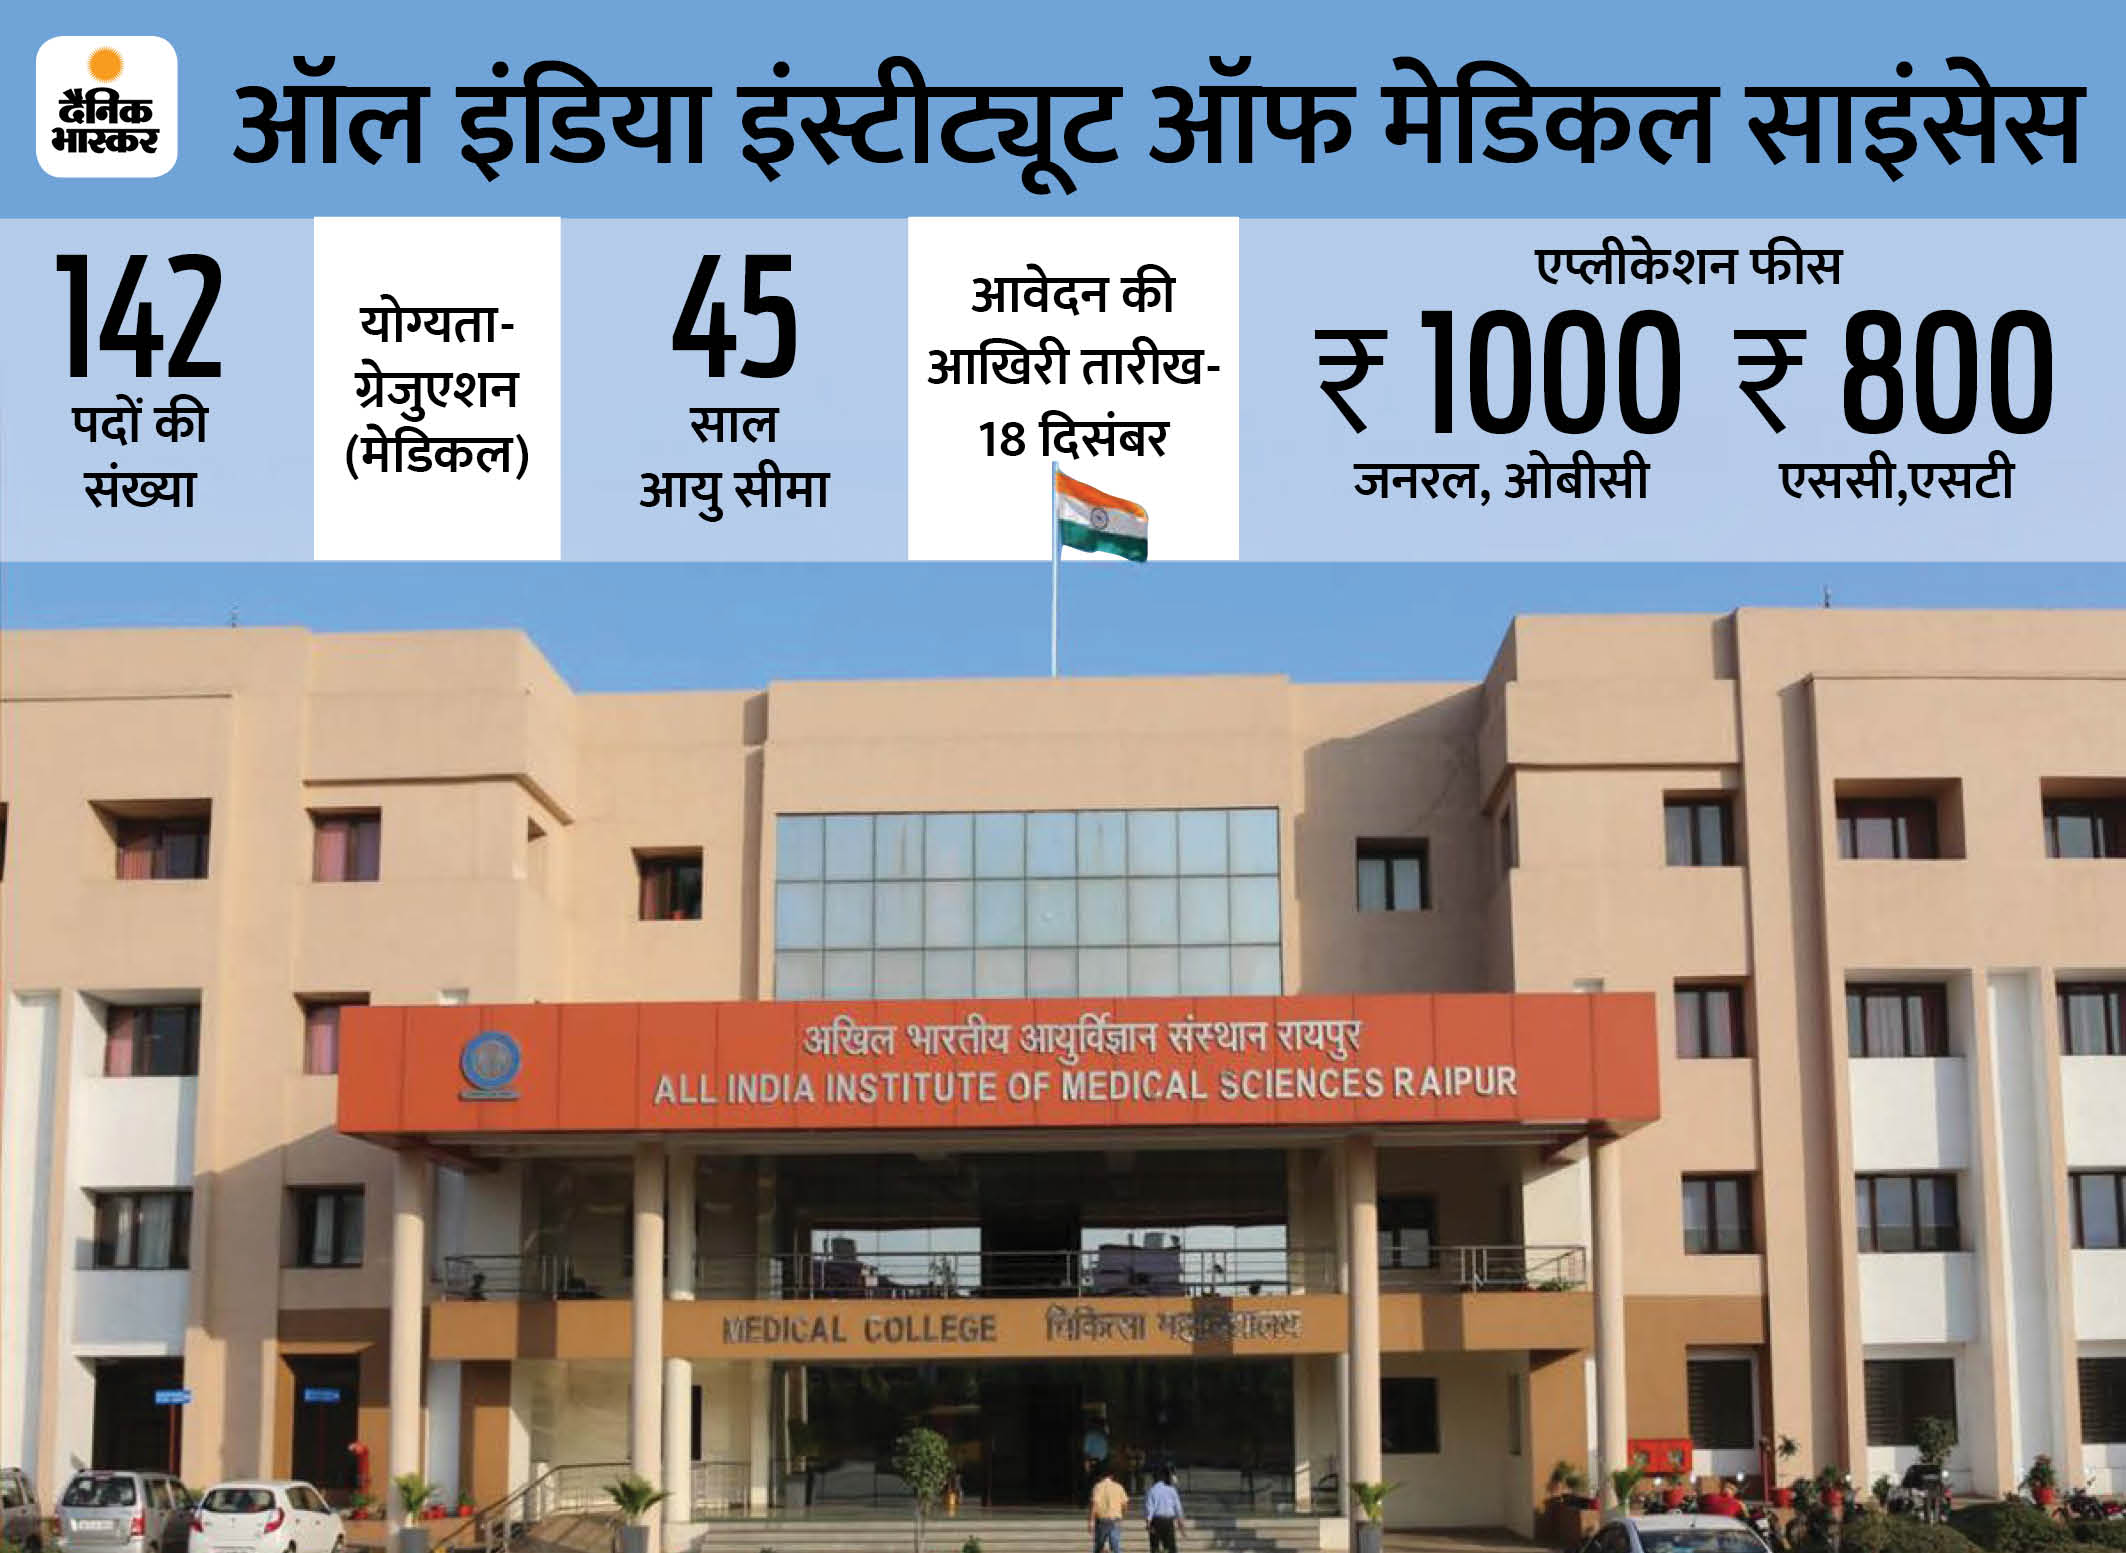 AIIMS, रायपुर ने सीनियर रेजिडेंट के 142 पदों पर भर्ती के लिए जारी किया नोटिफिकेशन, 18 दिसंबर तक ऑनलाइन करें आवेदन करिअर,Career - Dainik Bhaskar